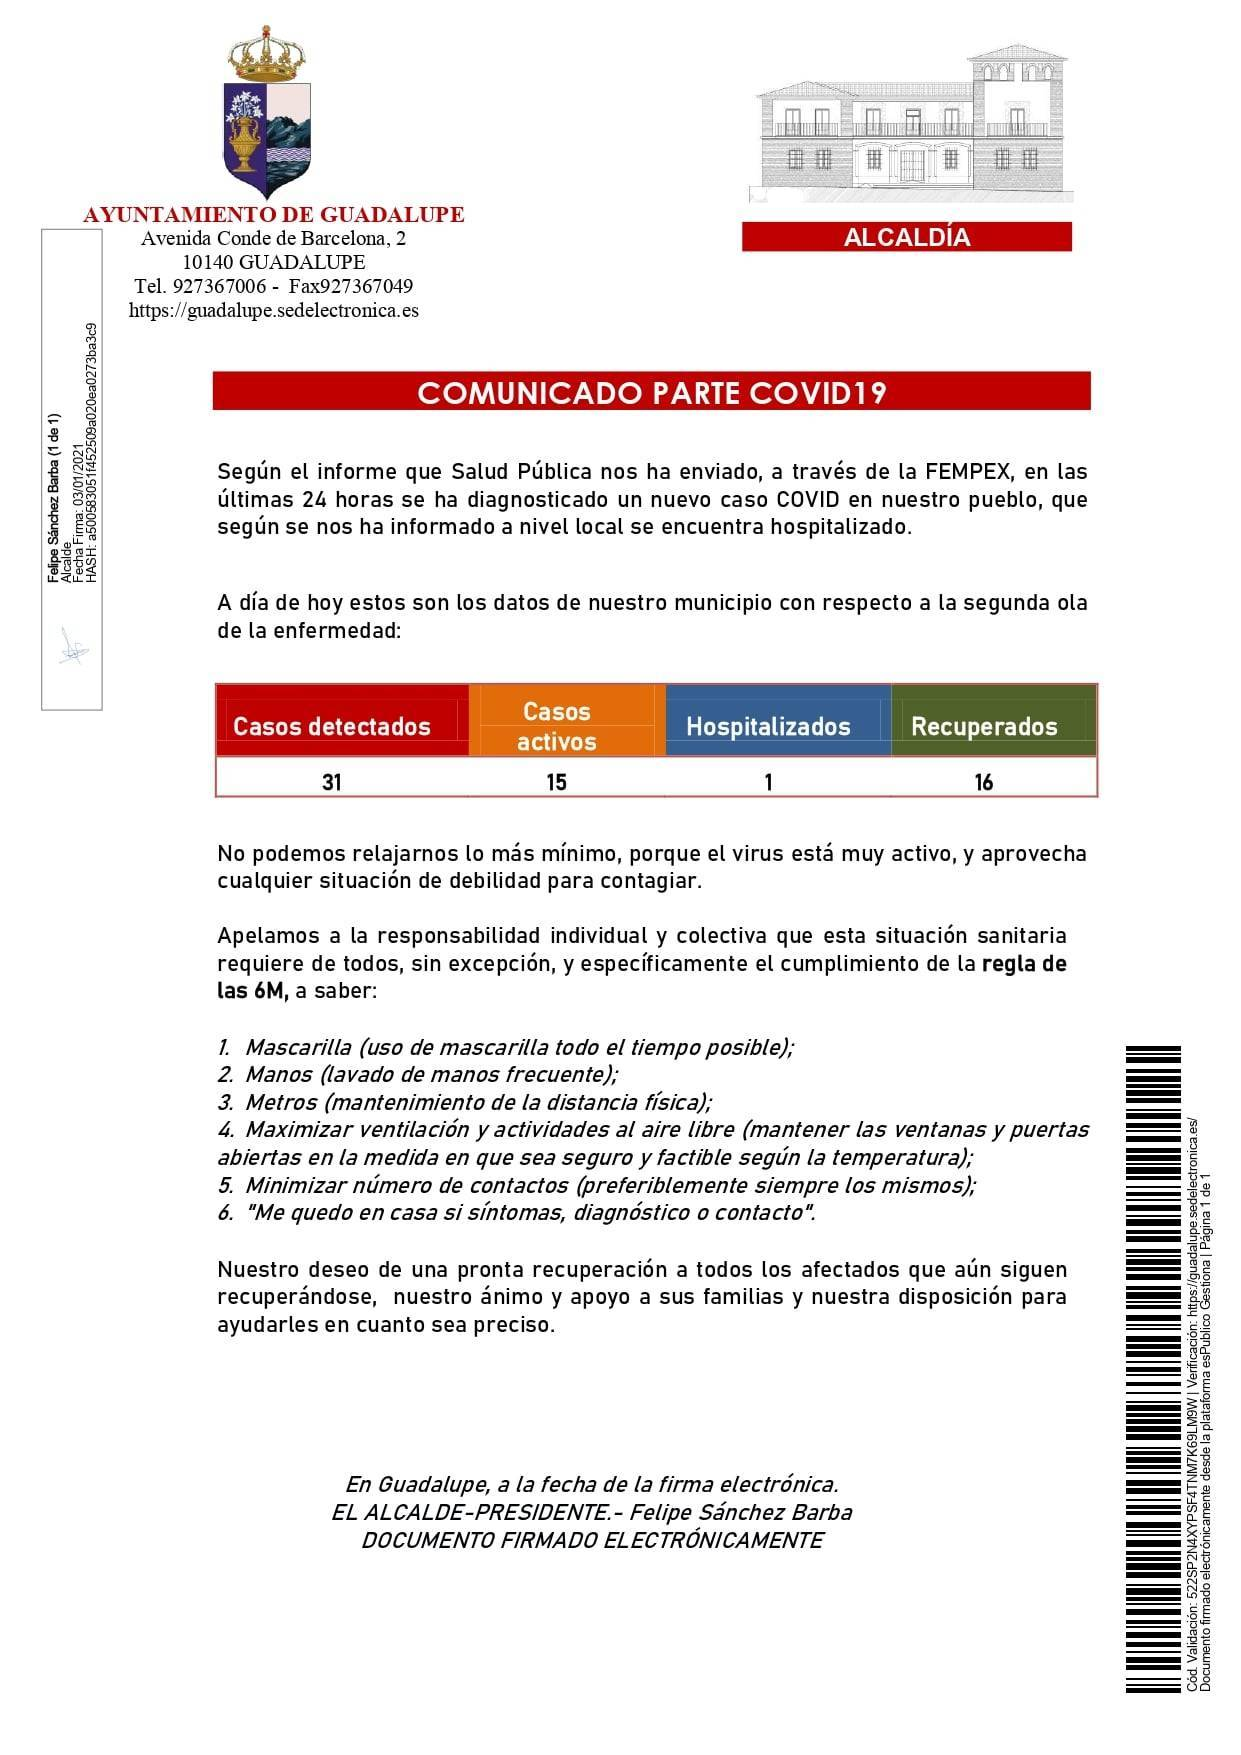 Un hospitalizado y 2 nuevas altas de COVID-19 (enero 2021) - Guadalupe (Cáceres) 1